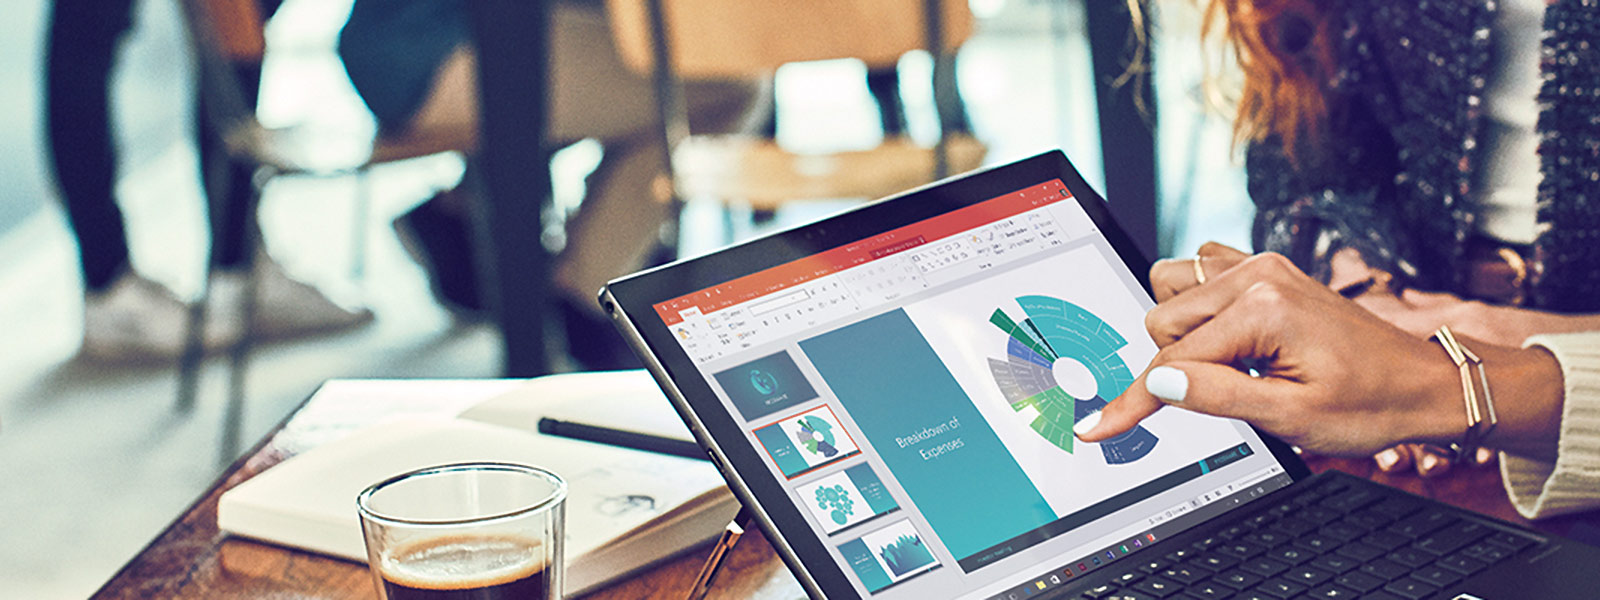 Une femme qui utilise un ordinateur portable à écran tactile sur un bureau